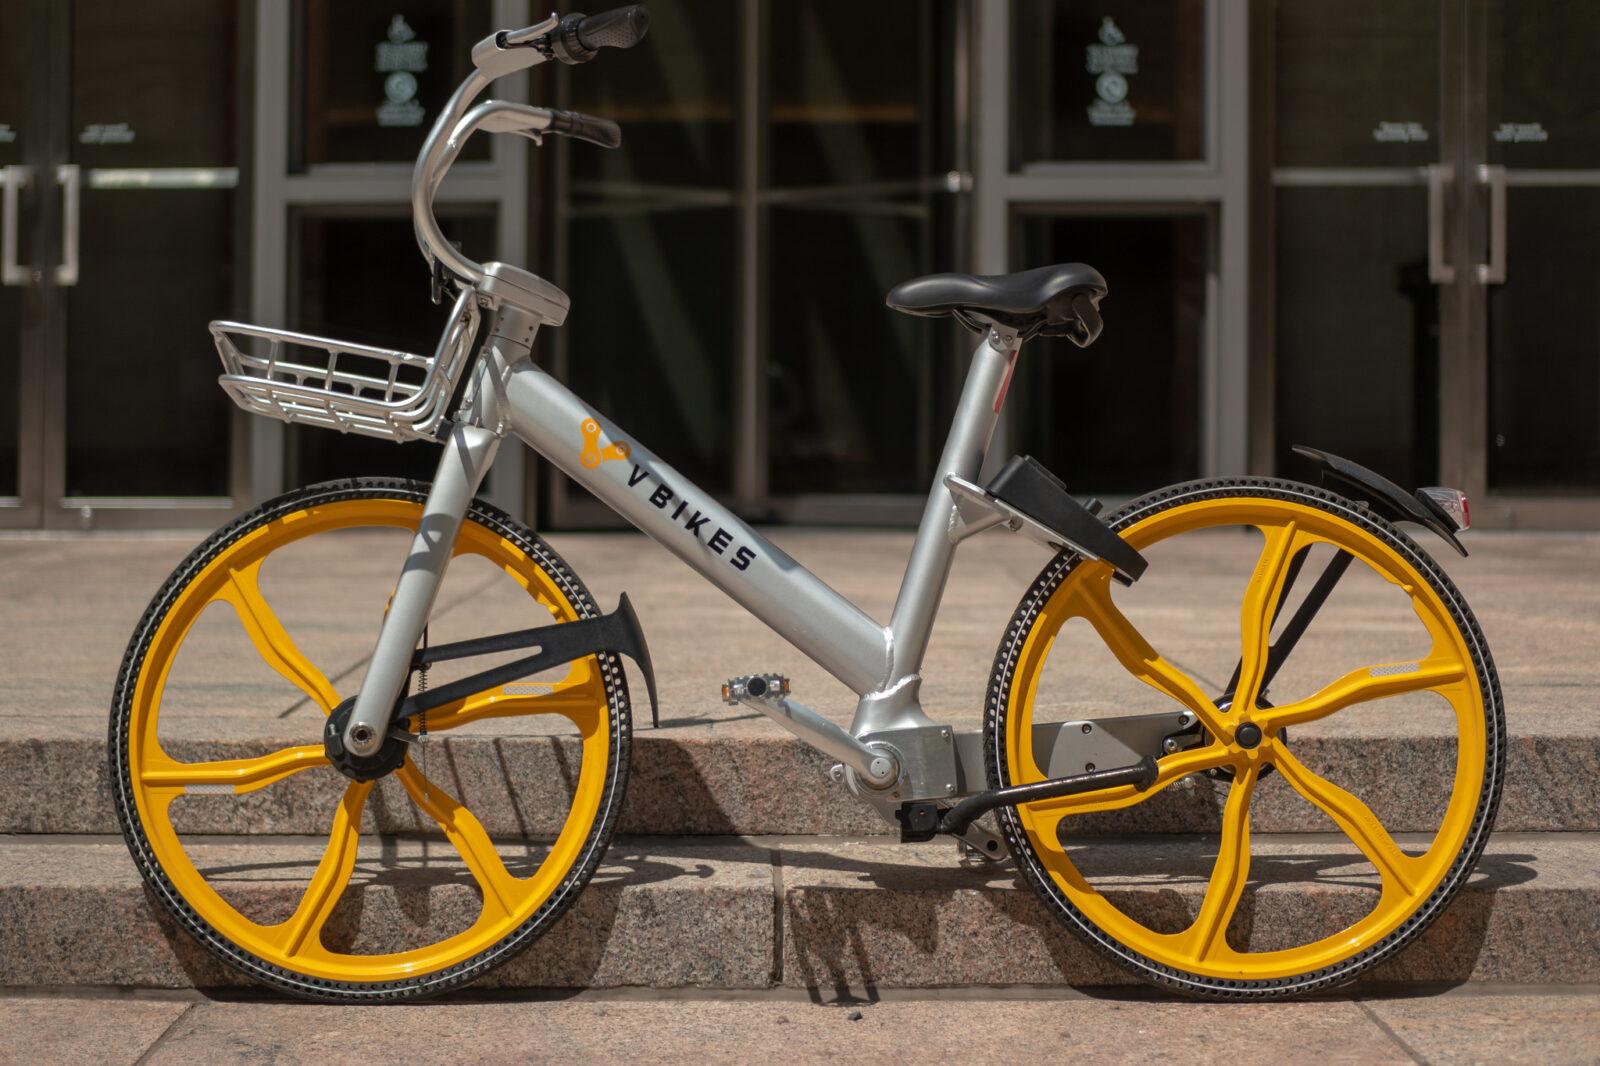 Tanie rowery - czy warto?